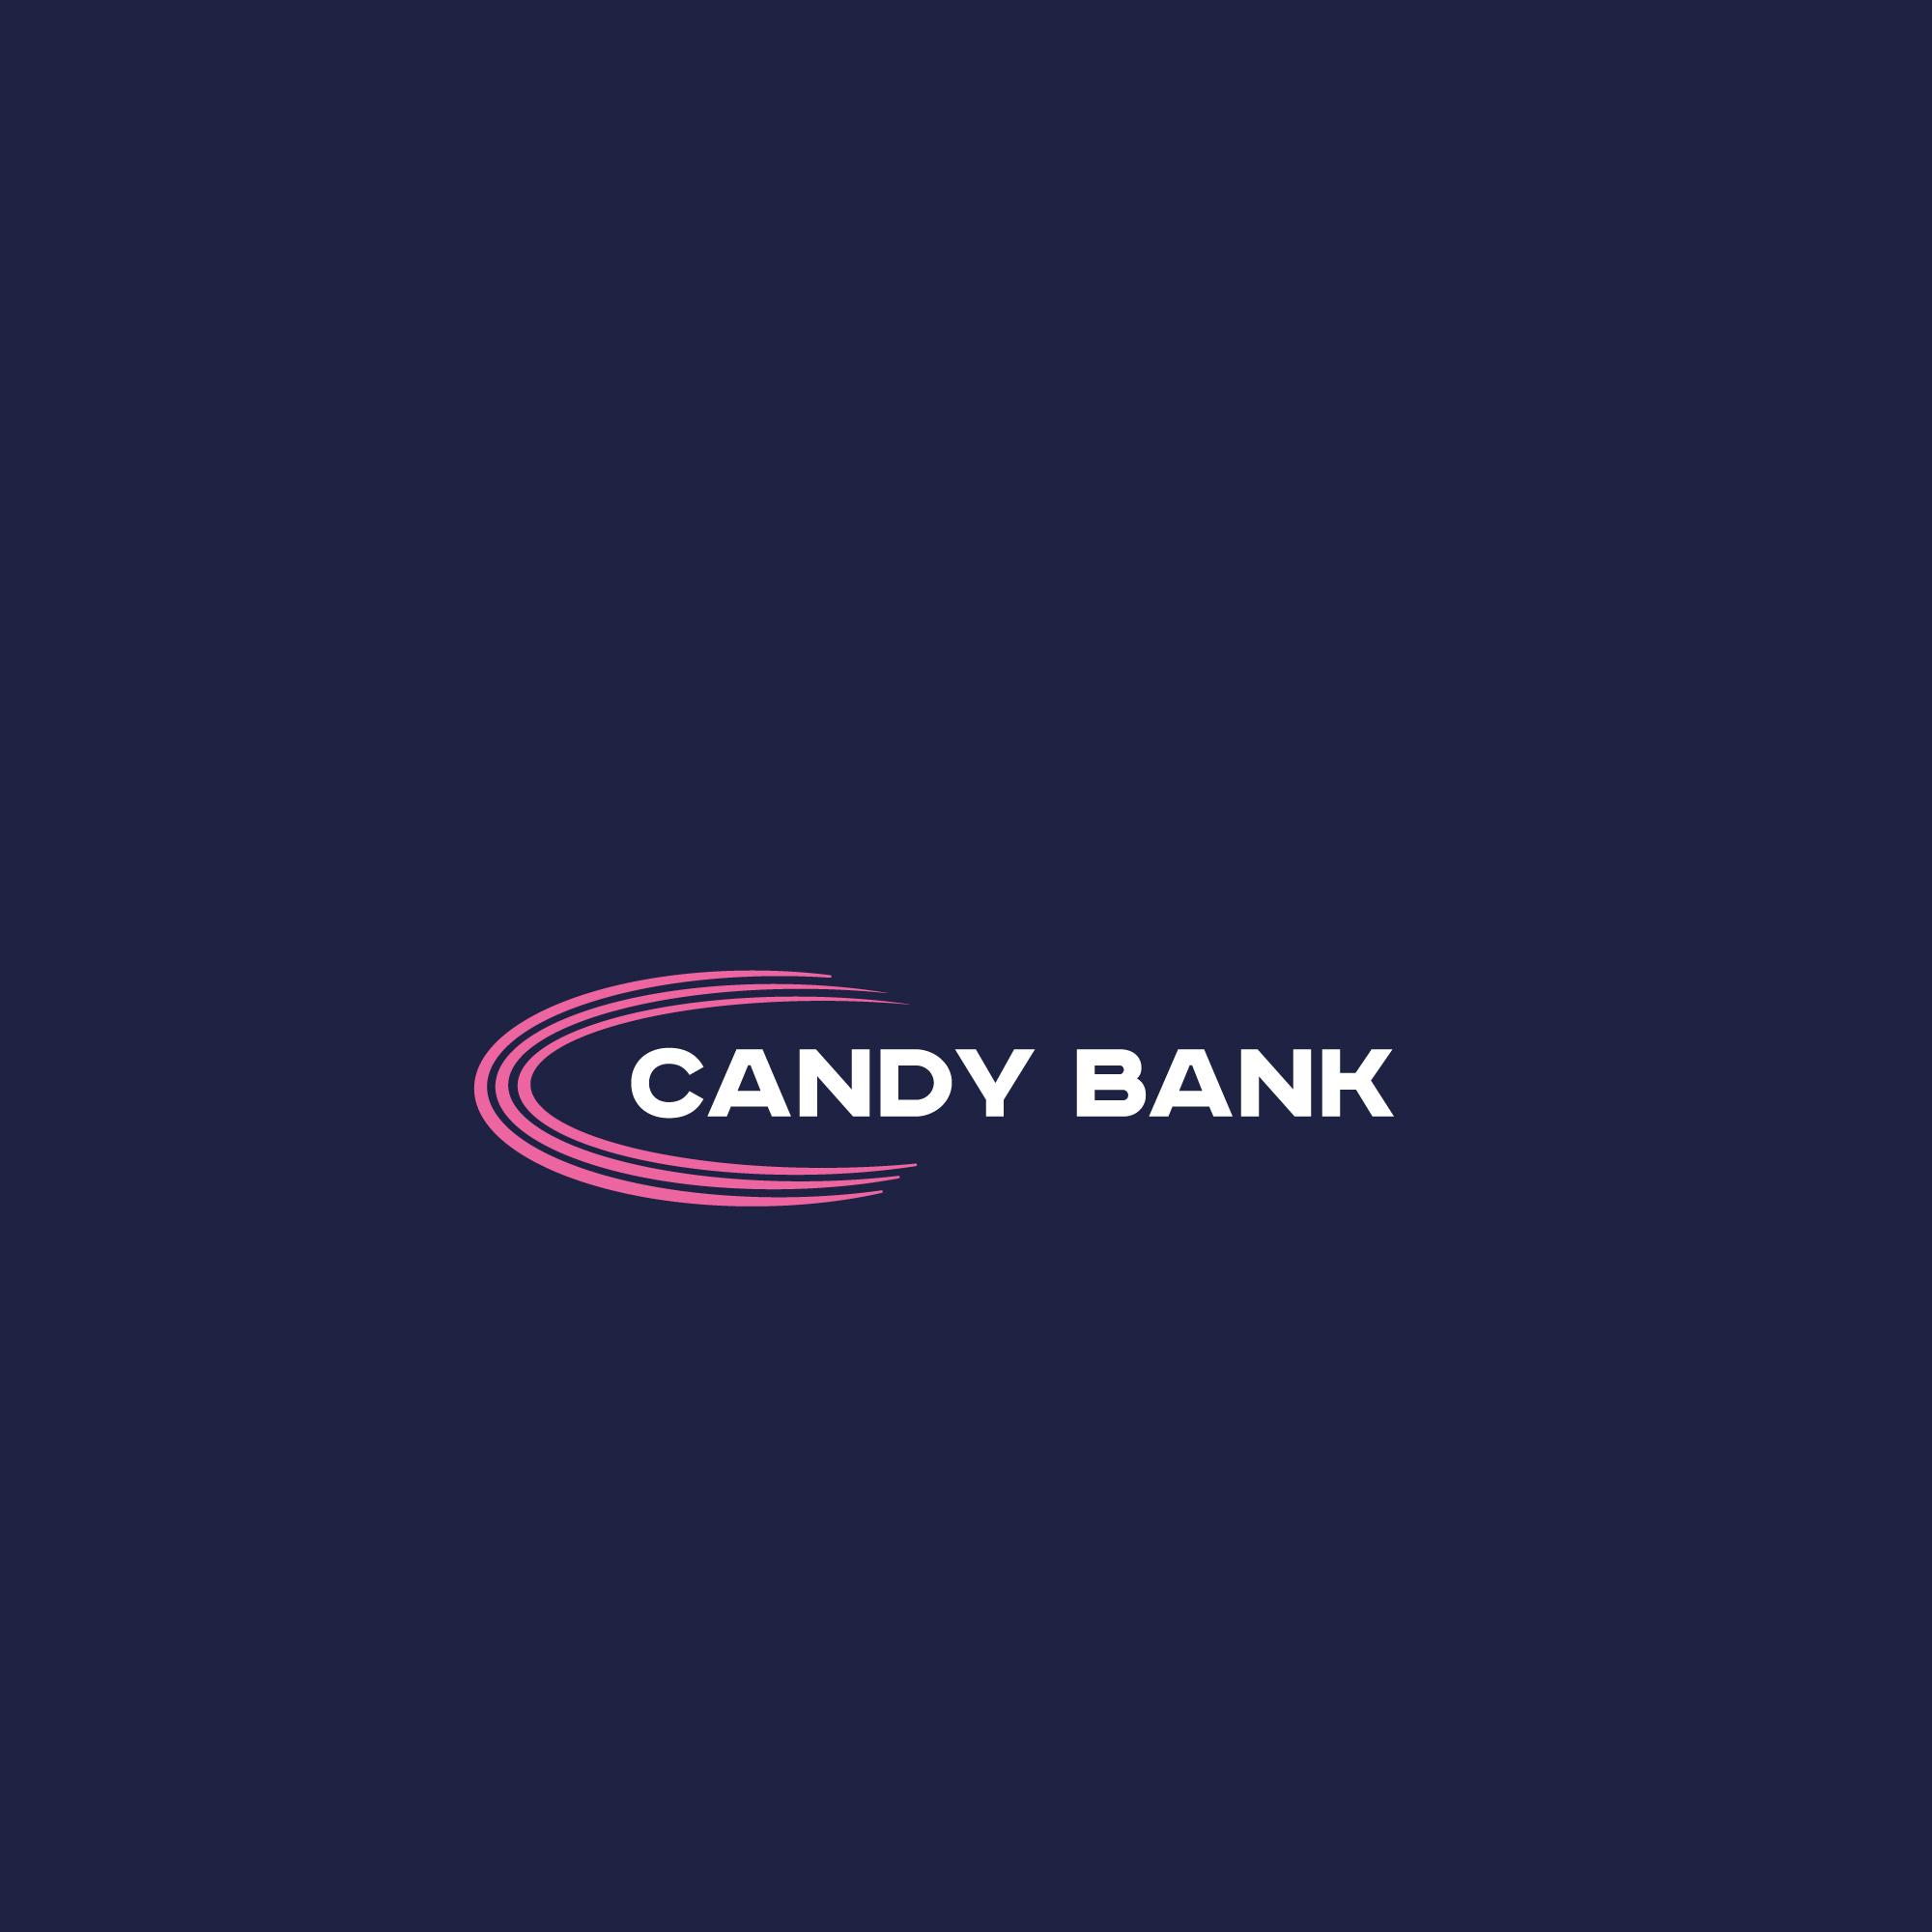 Логотип для международного банка фото f_2335d6d1384d7e0b.jpg